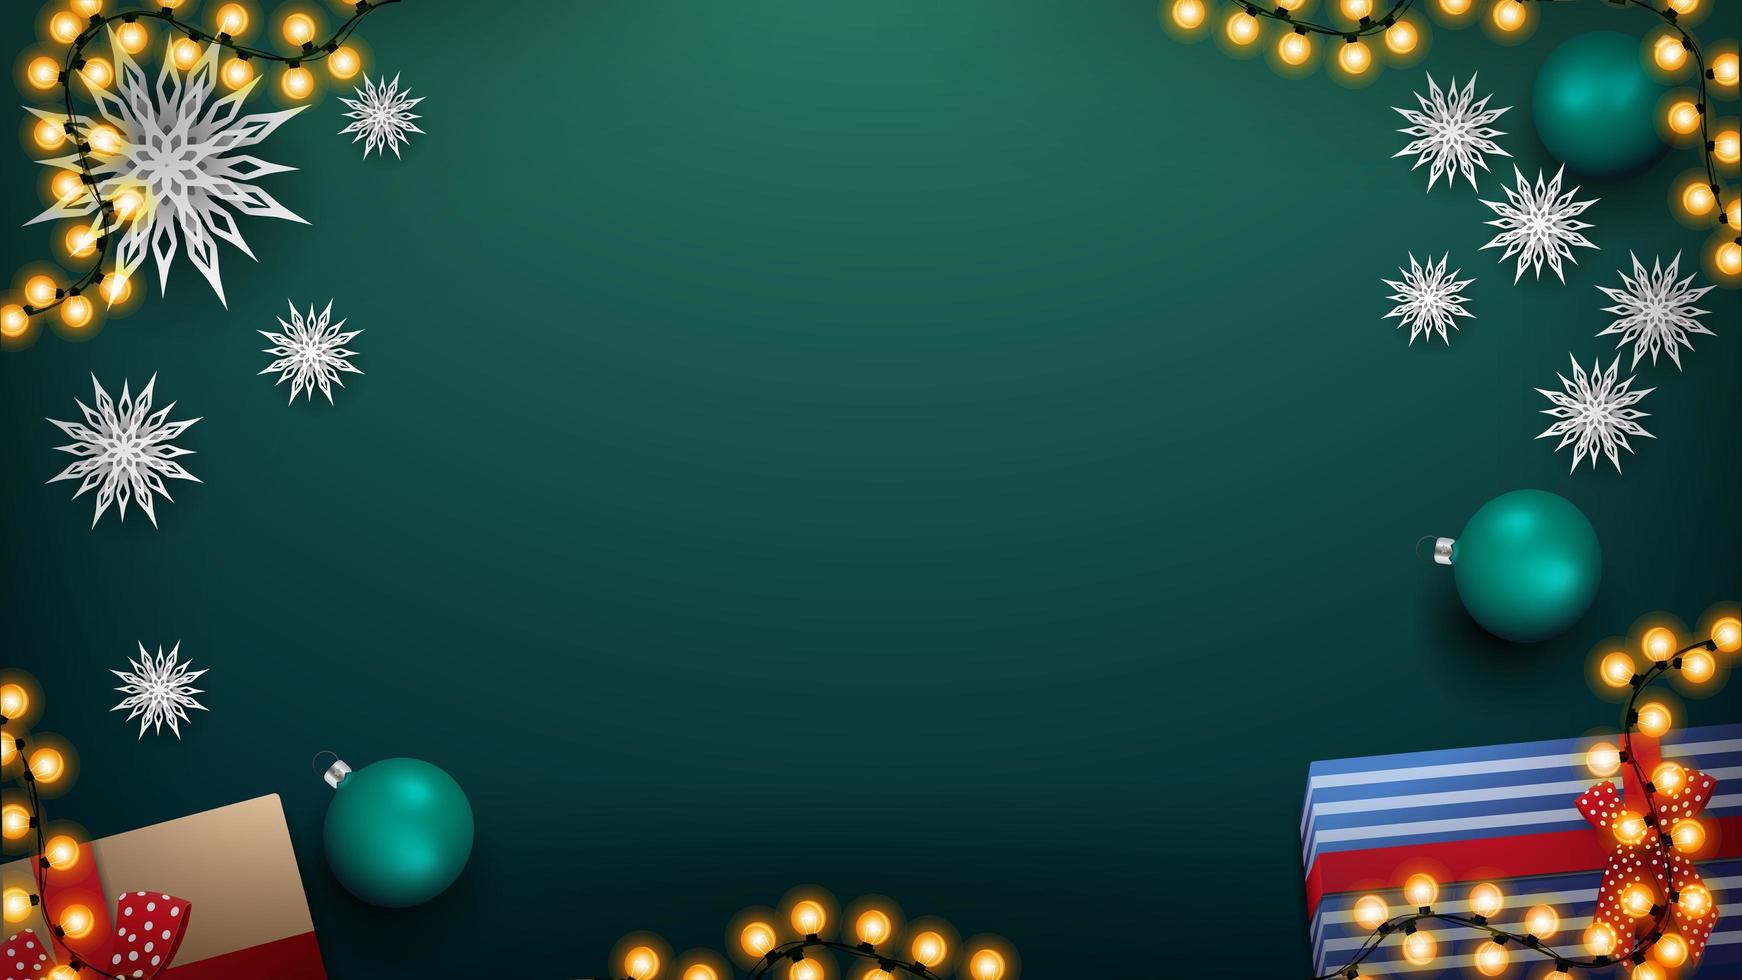 fundo verde de natal com guirlanda e bolas verdes vetor